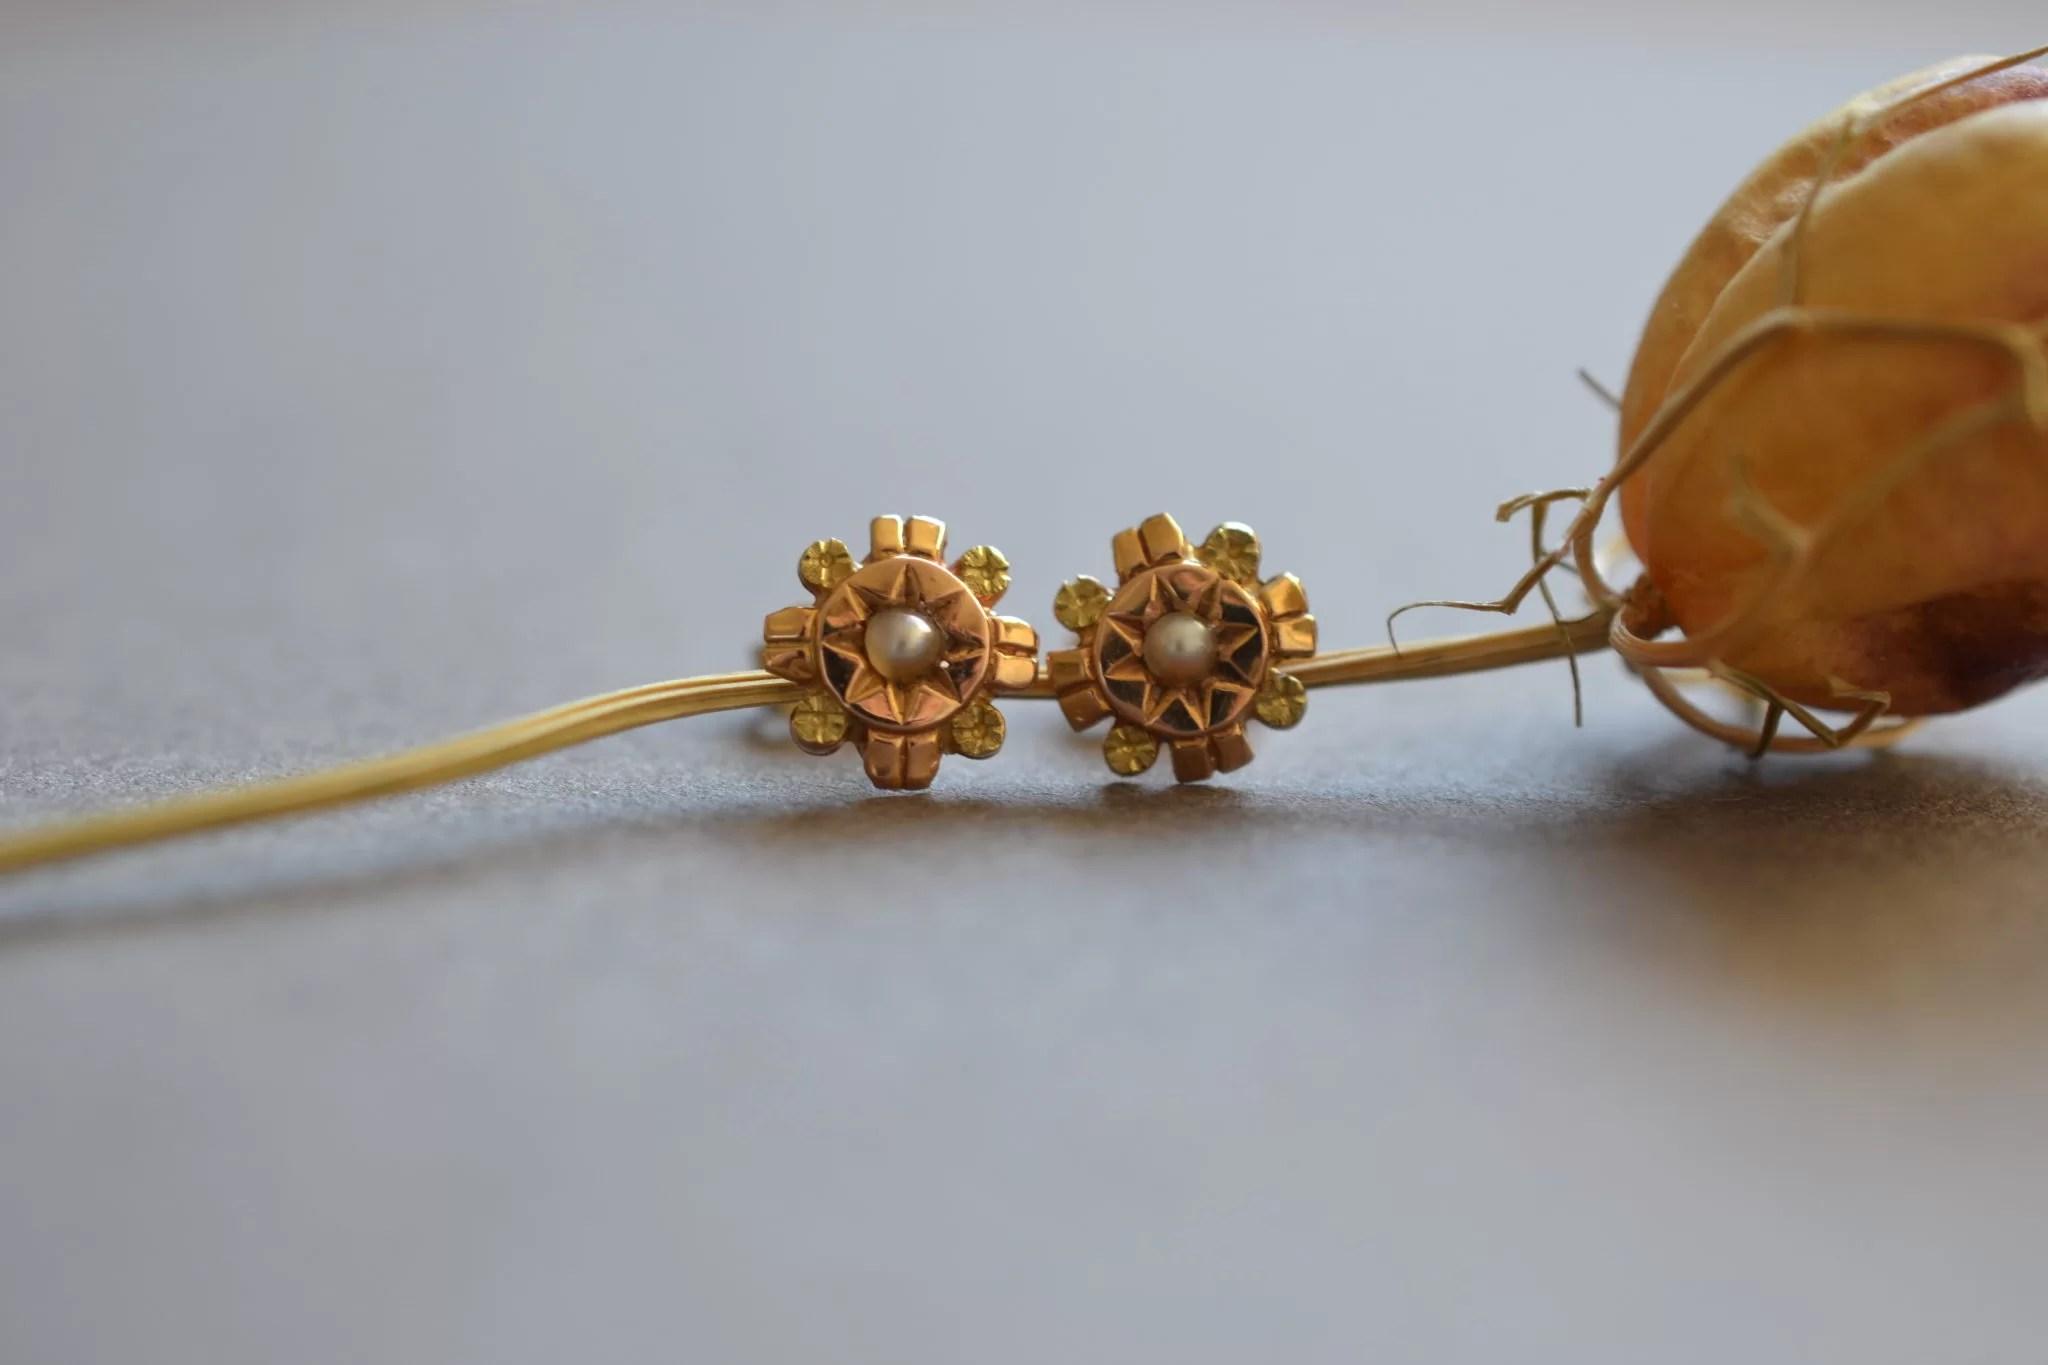 puces d'oreilles anciennes en Or avec perles - boucles d'oreilles ancienne mariage - bijoux ecoresponsables